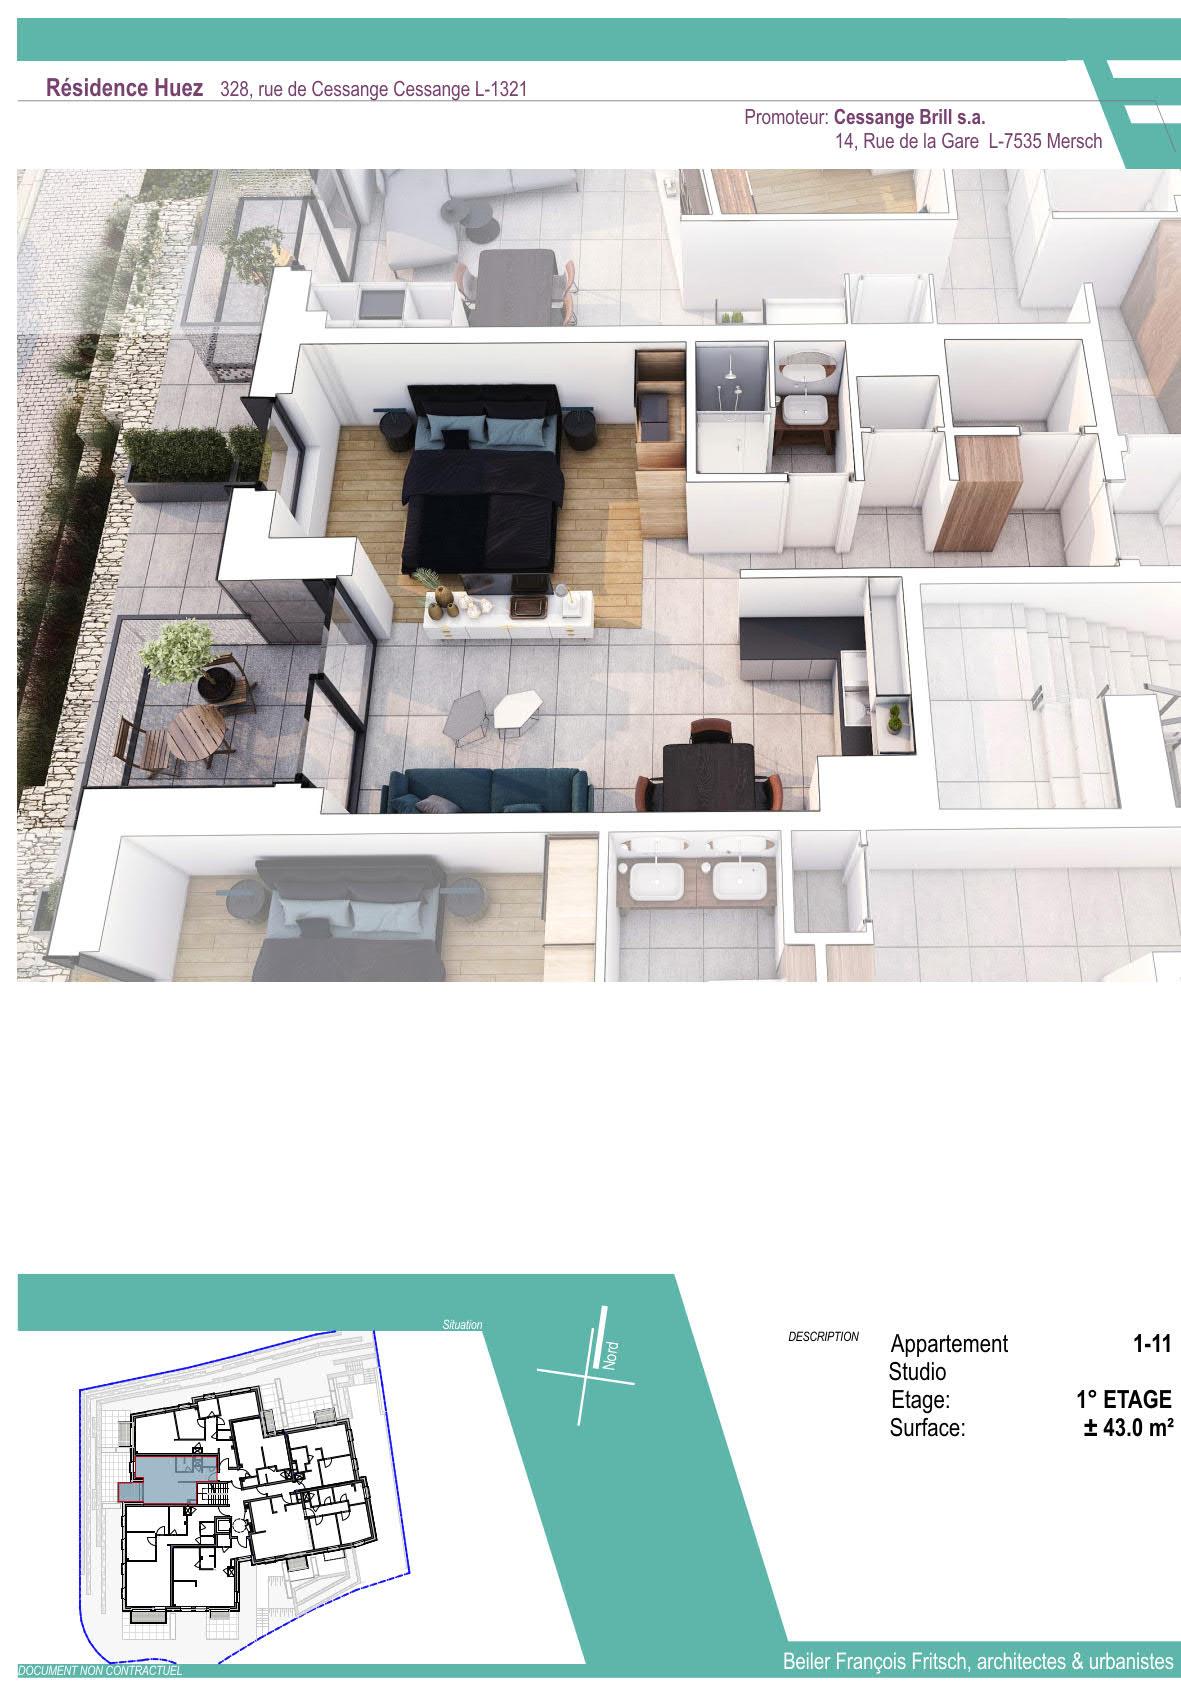 Studio-1-11